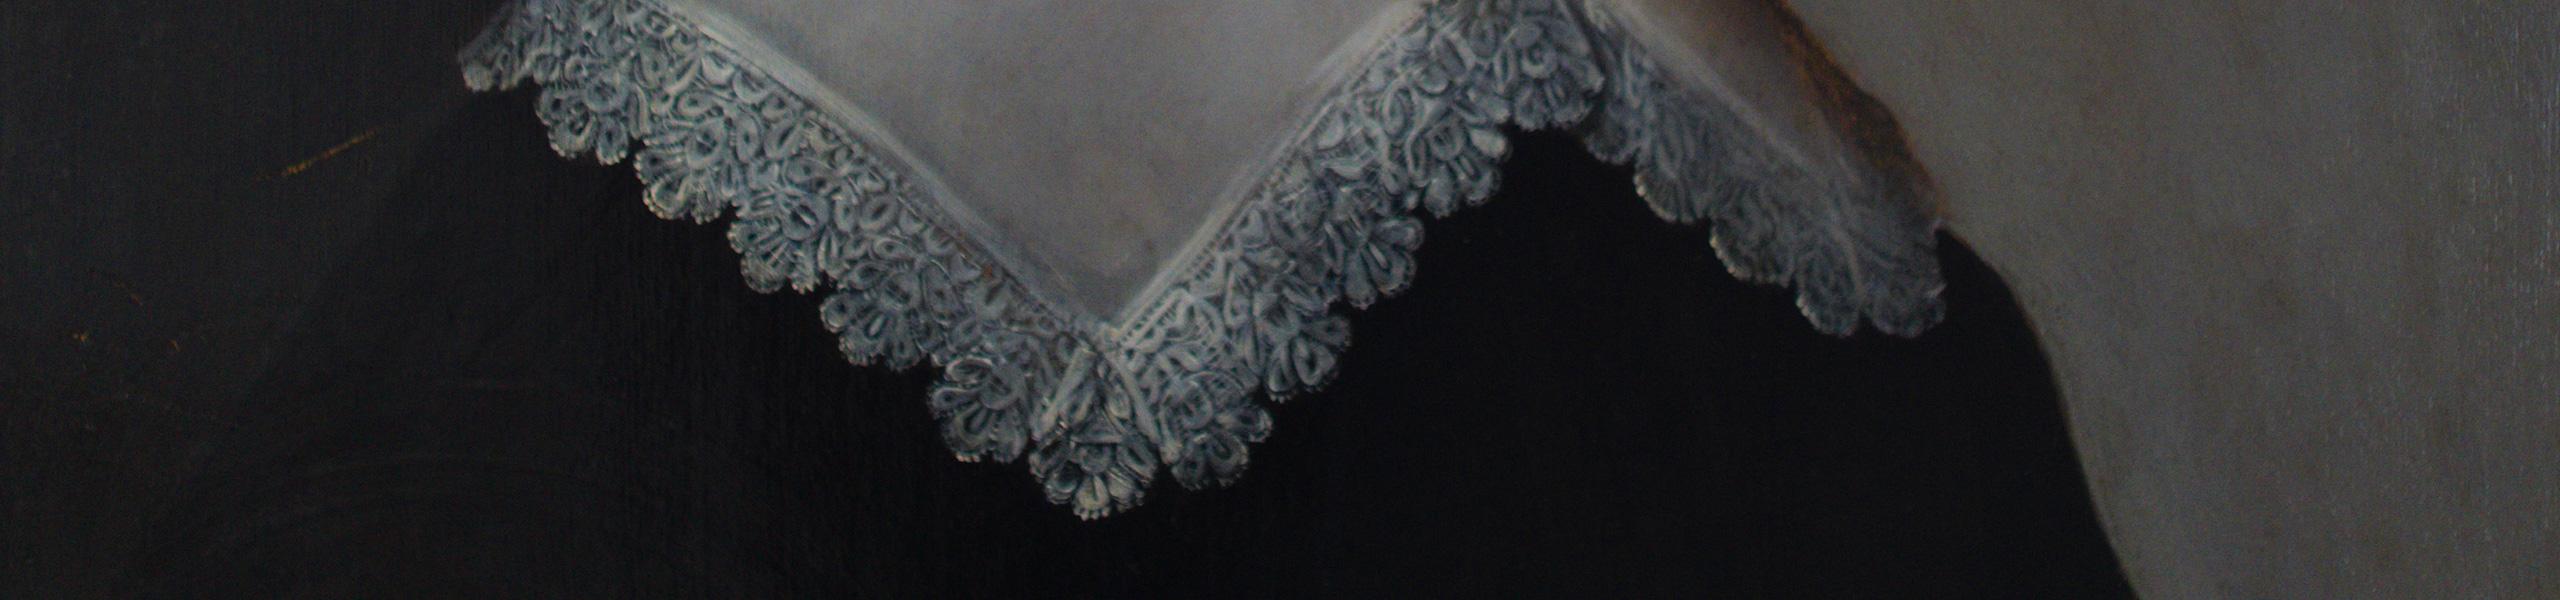 Oberflächenreinigung von Gemälden und Tafelmalerei - Restaurator Jakob Wedemeyer